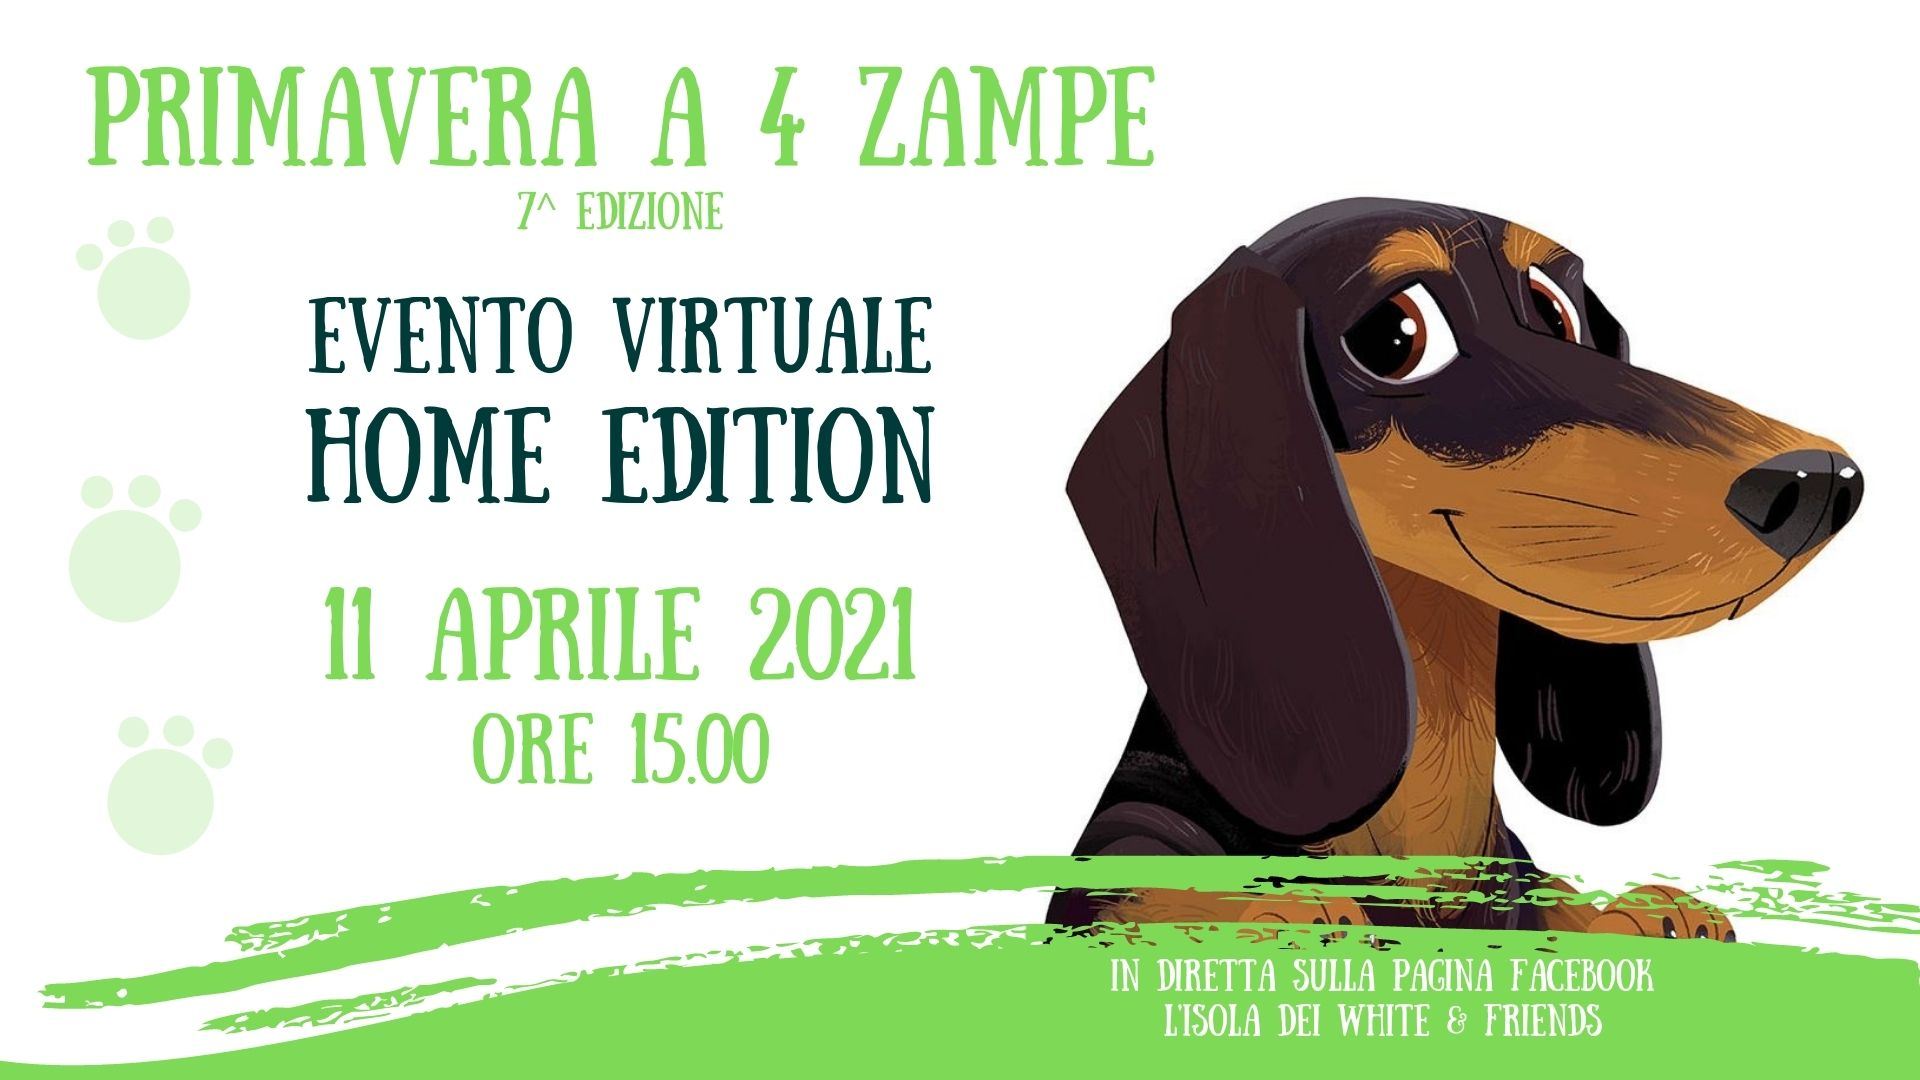 Primavera a 4 zampe 2021 – Home Edition